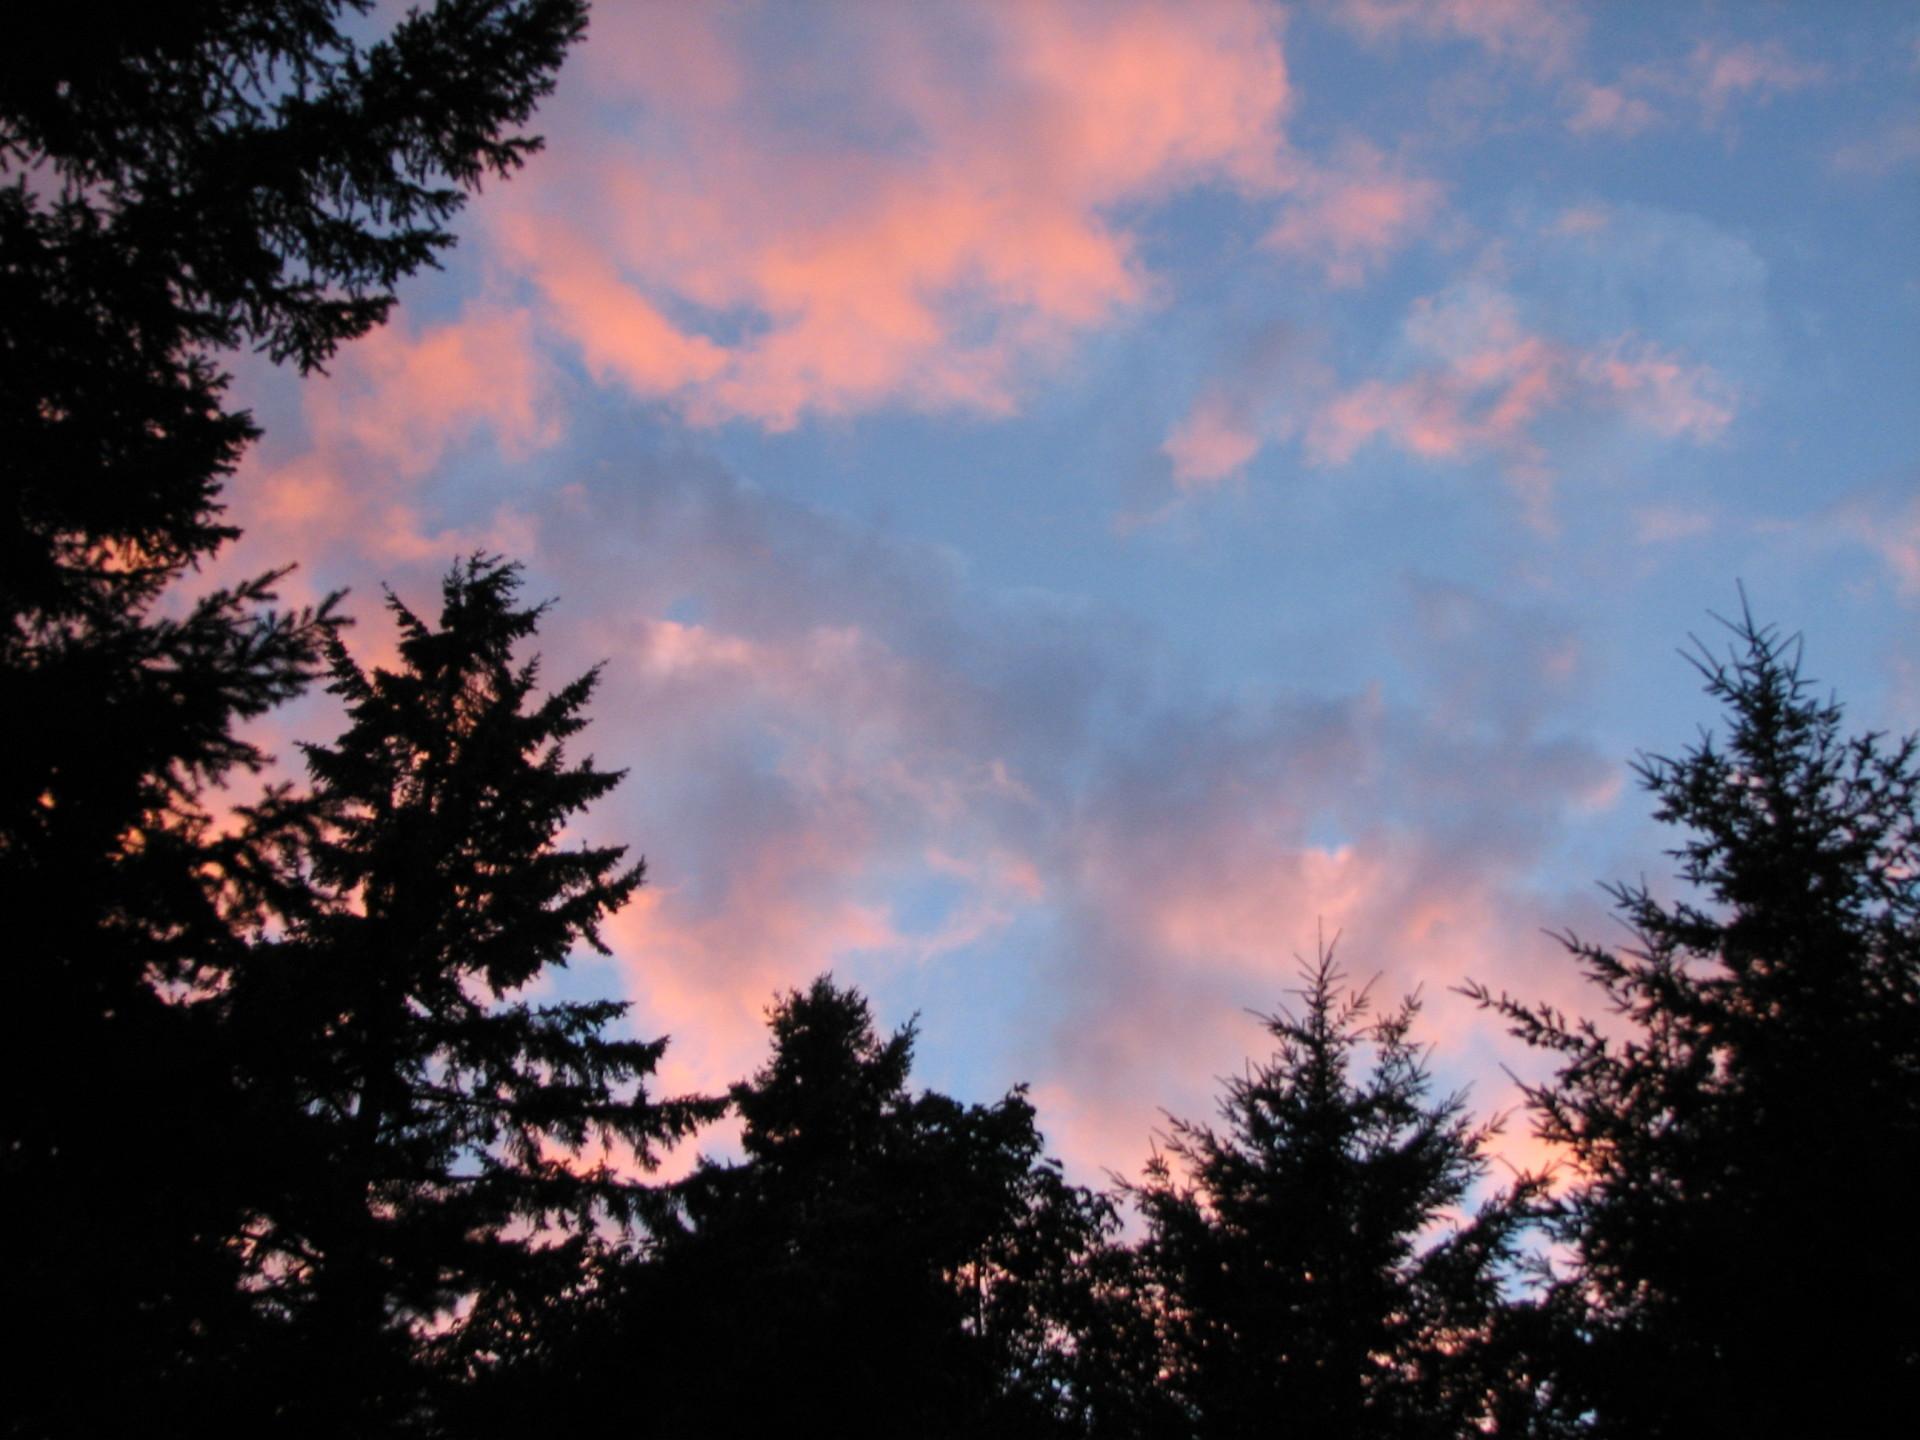 Sunrise on the Olympic Peninsula - Washington State - USA